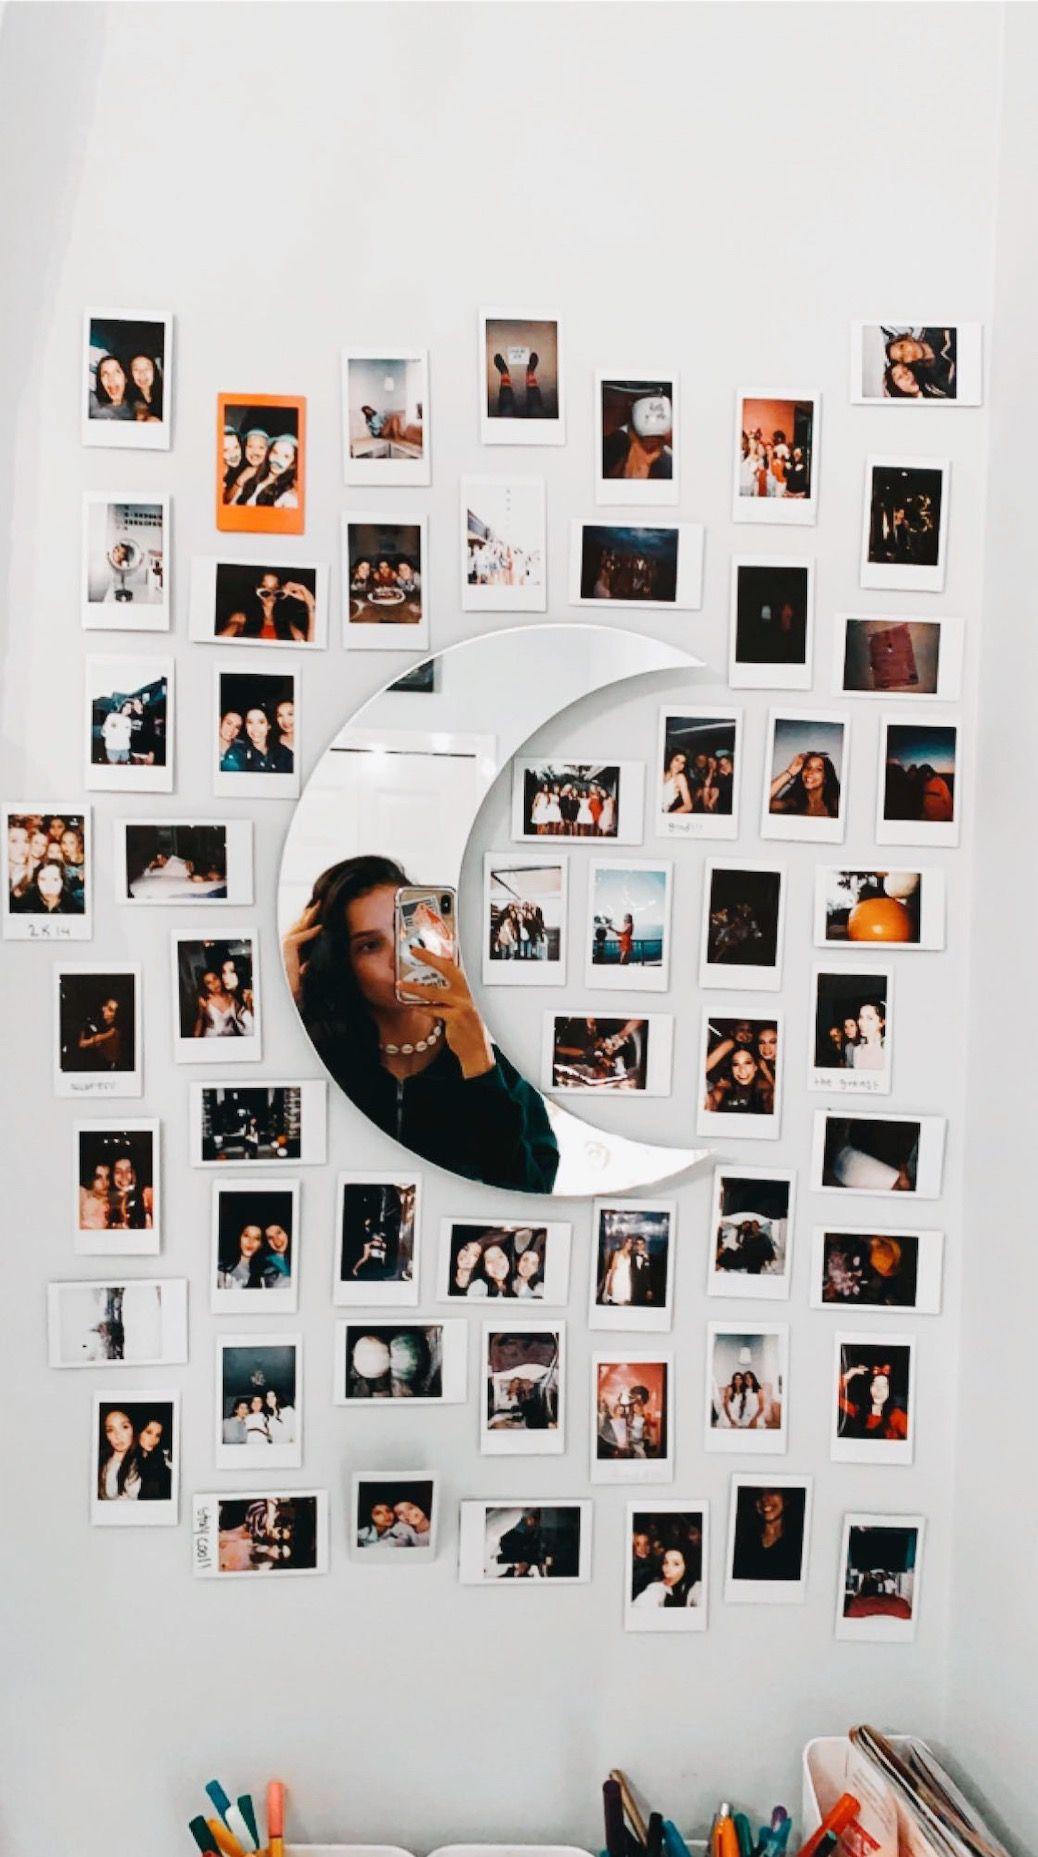 Vsco Averyysm In 2019 Room Decor Bedroom Tumblr